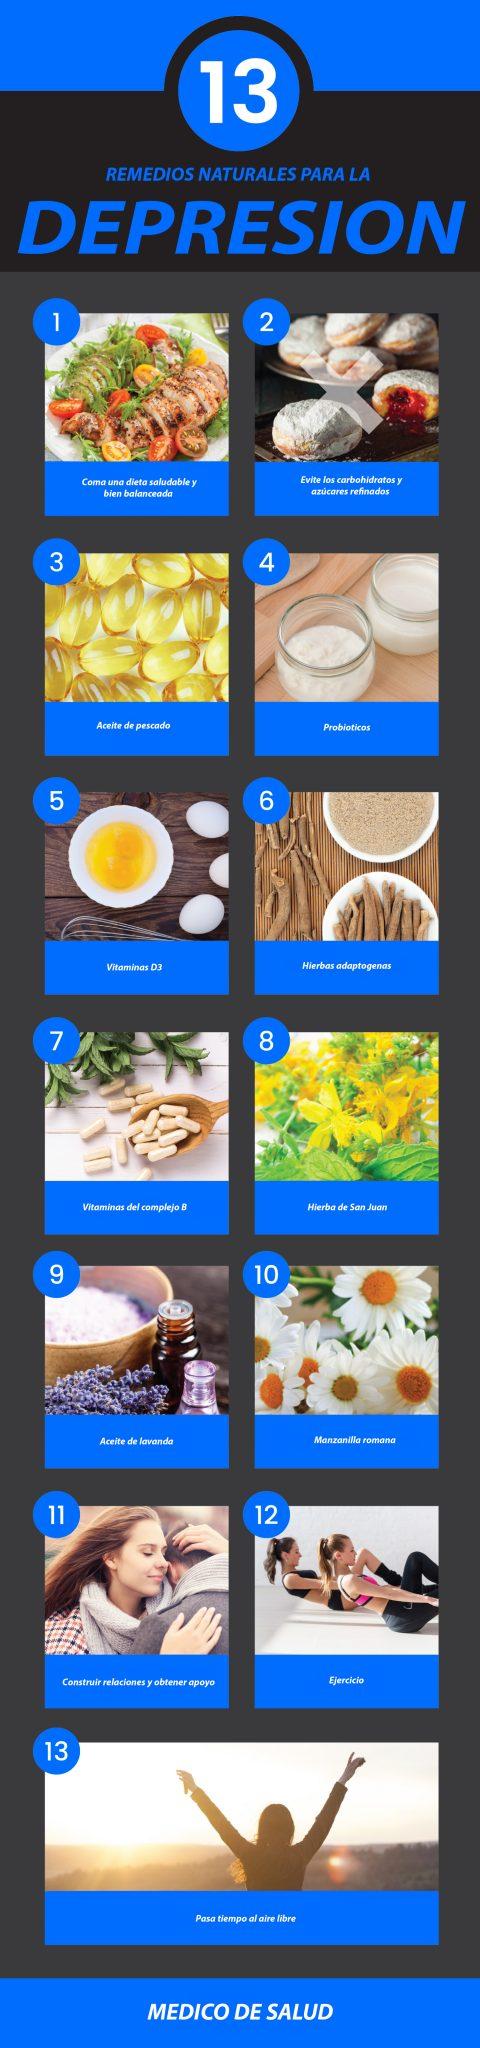 13 remedios naturales para la depresión 13 remedios naturales para la depresión 13 remedios naturales para la depresión Depression Remedies Graphic 01